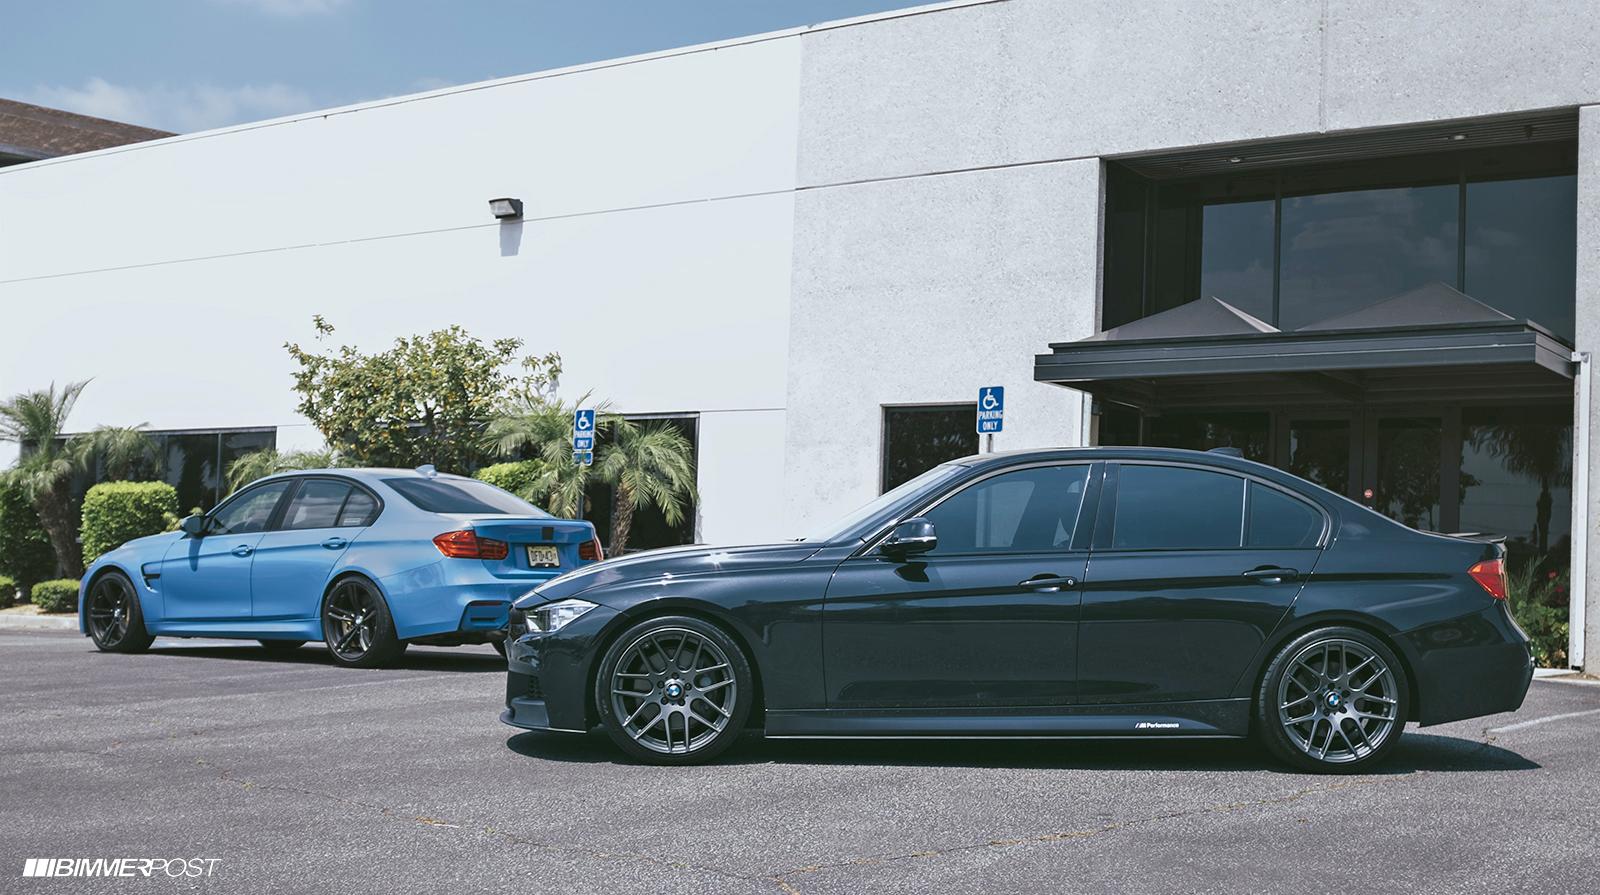 BMW M3 vs F30 M Sport